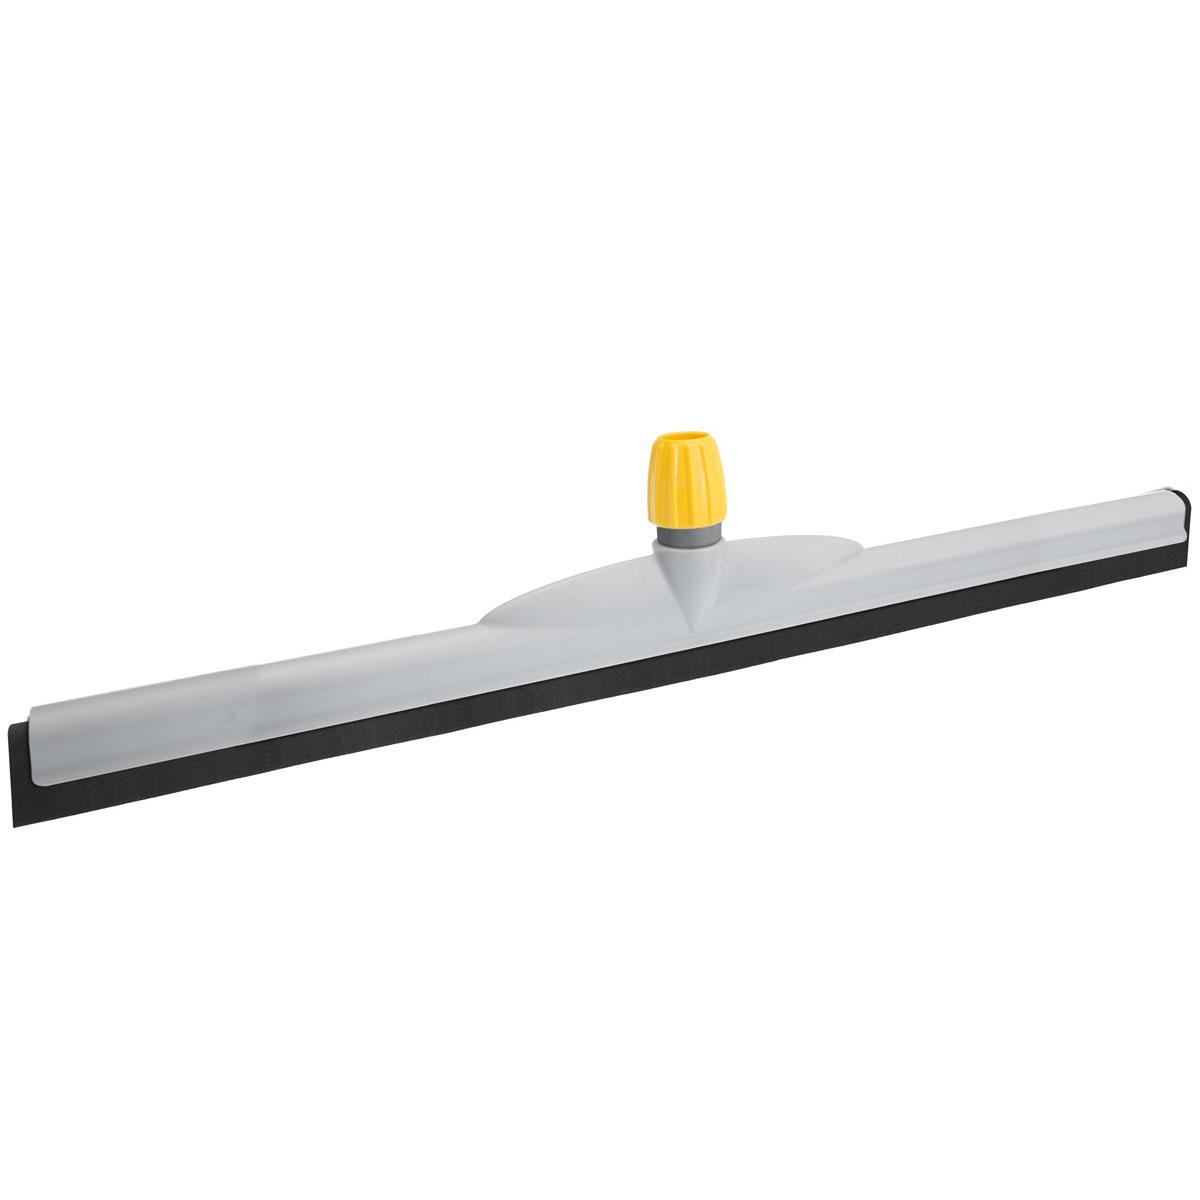 Сгон Apex для воды, 75 см. 11219-A11219-AСгон для воды Apex предназначен для удаления воды в помещениях с ровными полами. Лезвие сгона сделано из мягкого, эластичного материала - неопрена, который плотно прилегает к убираемой поверхности, что позволяет делать уборку качественно и быстро. Наиболее эффективна уборка воды на твердых поверхностях из плитки, гладкого бетона, линолеума и т.д. Допускается использование указанного сгона также и вне зданий (парадные зданий, на автомойках, на открытых площадках, уложенных плиткой).Для сгона подходят следующие модели ручек: - Ручка Apex для швабры, хромированная сталь, 120 см. 11511-А; - Ручка Apex для швабры. 11512-А; - Ручка Apex для швабры. 11515-А; - Ручка для швабры Apex, 150 см. 14000-A; - Ручка раздвижная Apex для швабры, цвет: желтый, серый, 130 см. 11520-A..